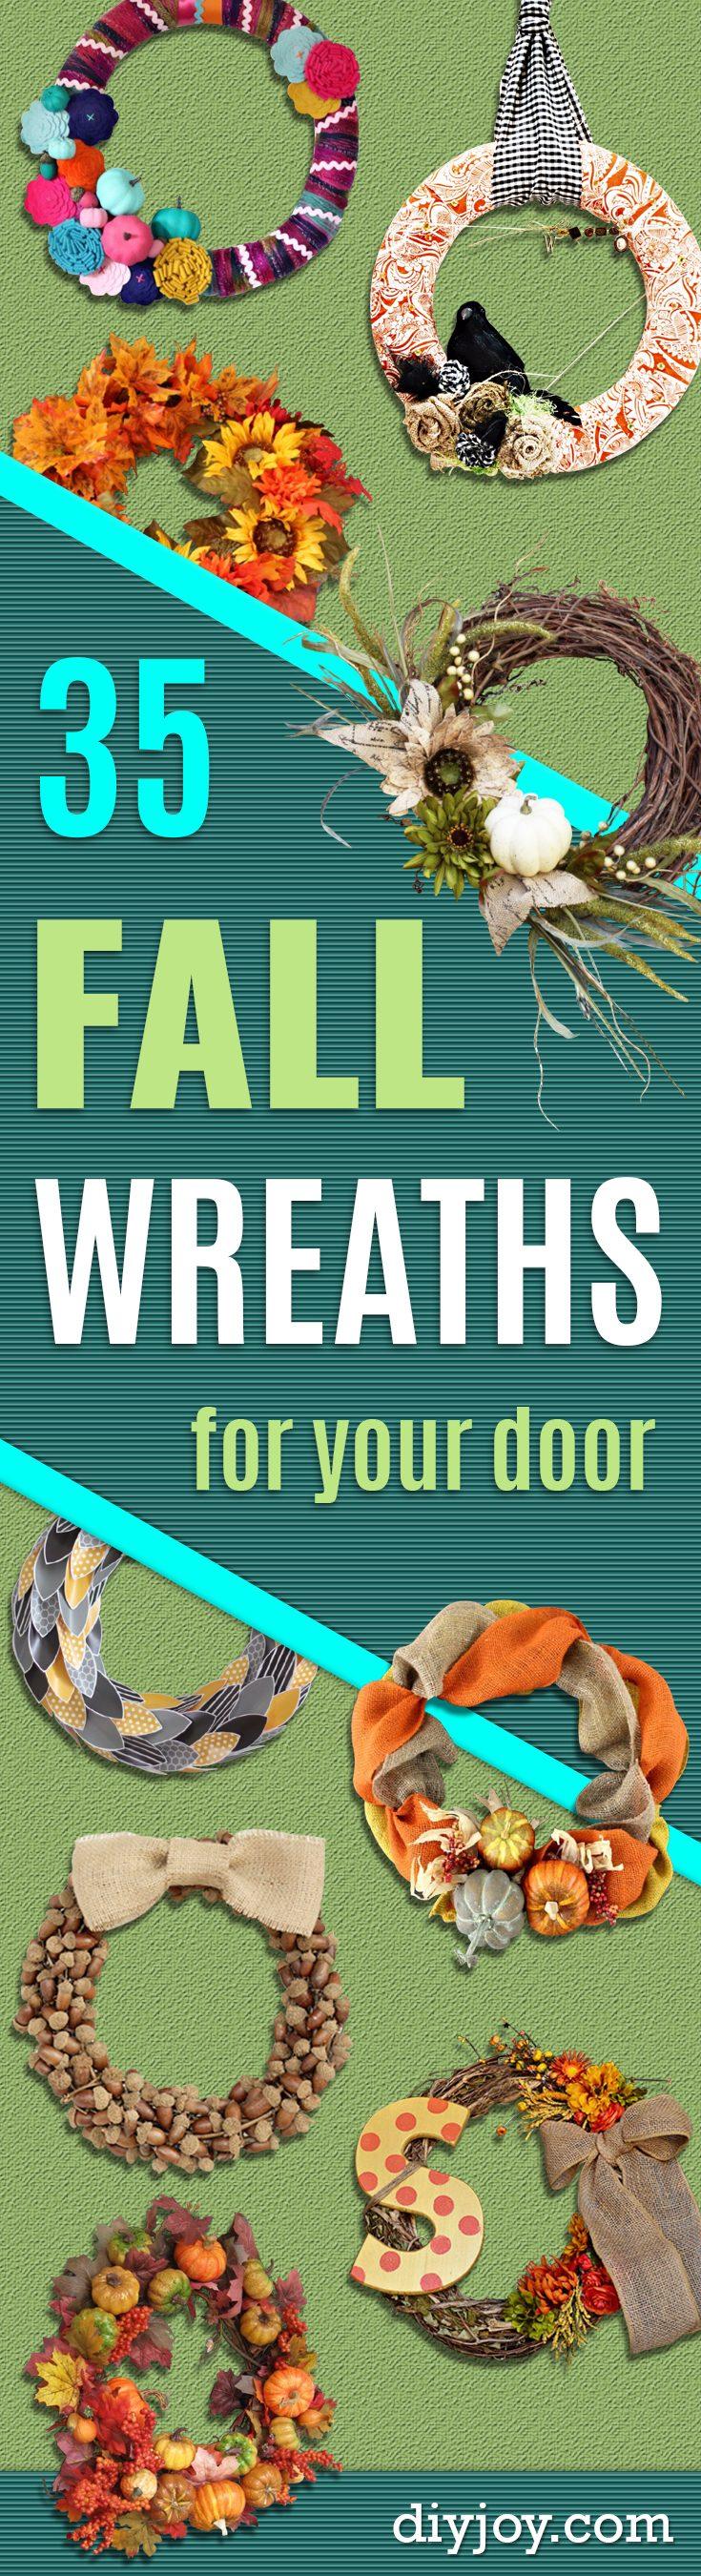 35 DIY Fall Wreaths for Your Door